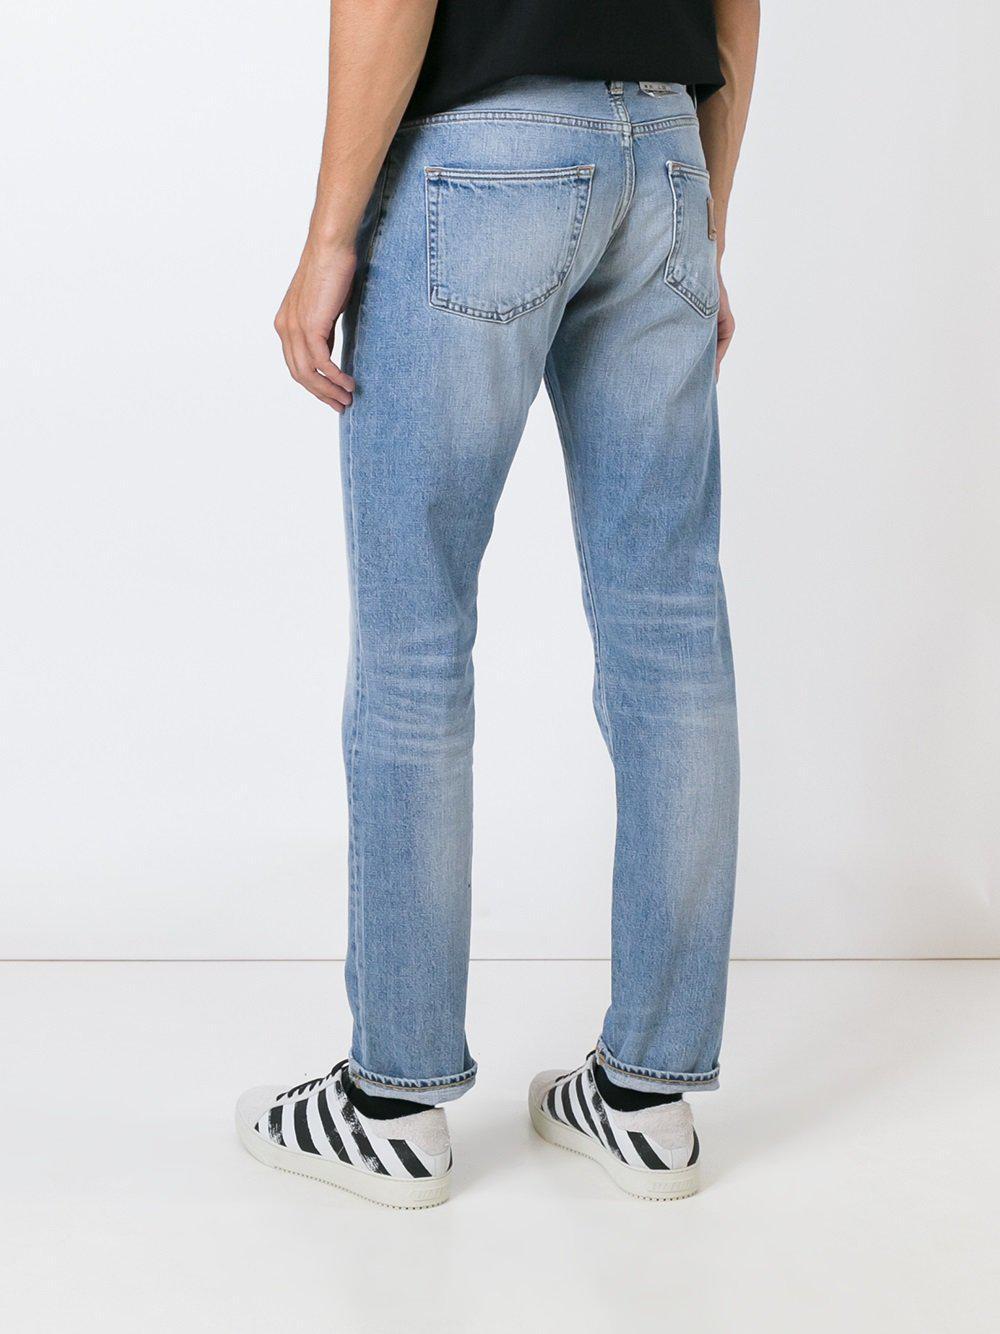 Carhartt Denim Straight Jeans in Blue for Men